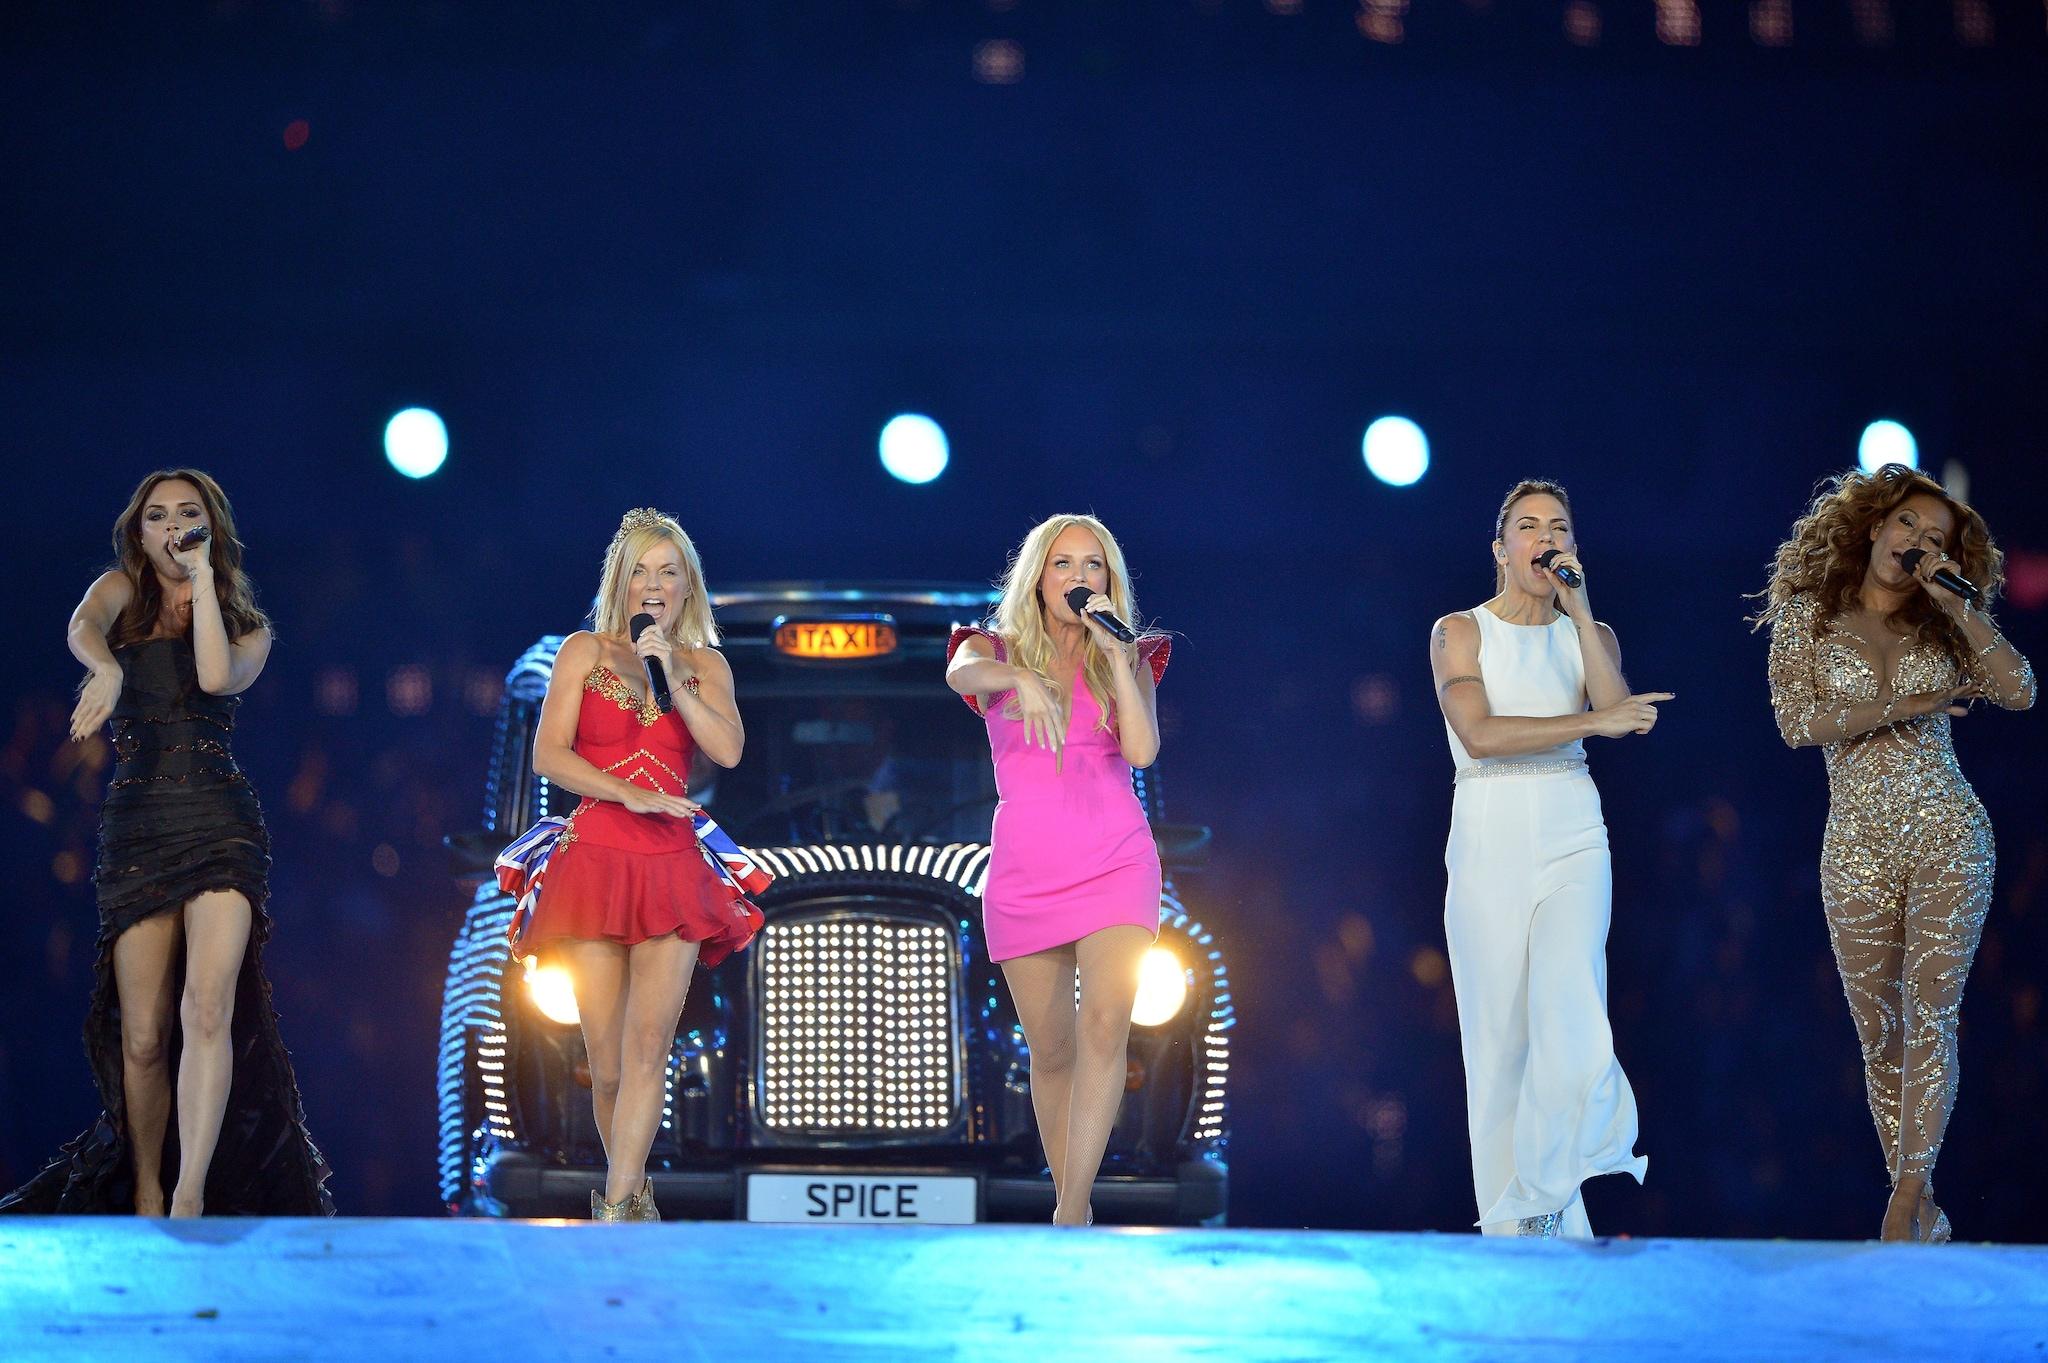 esibizione delle Spice Girls alle Olimpiadi di Londra nel 2012